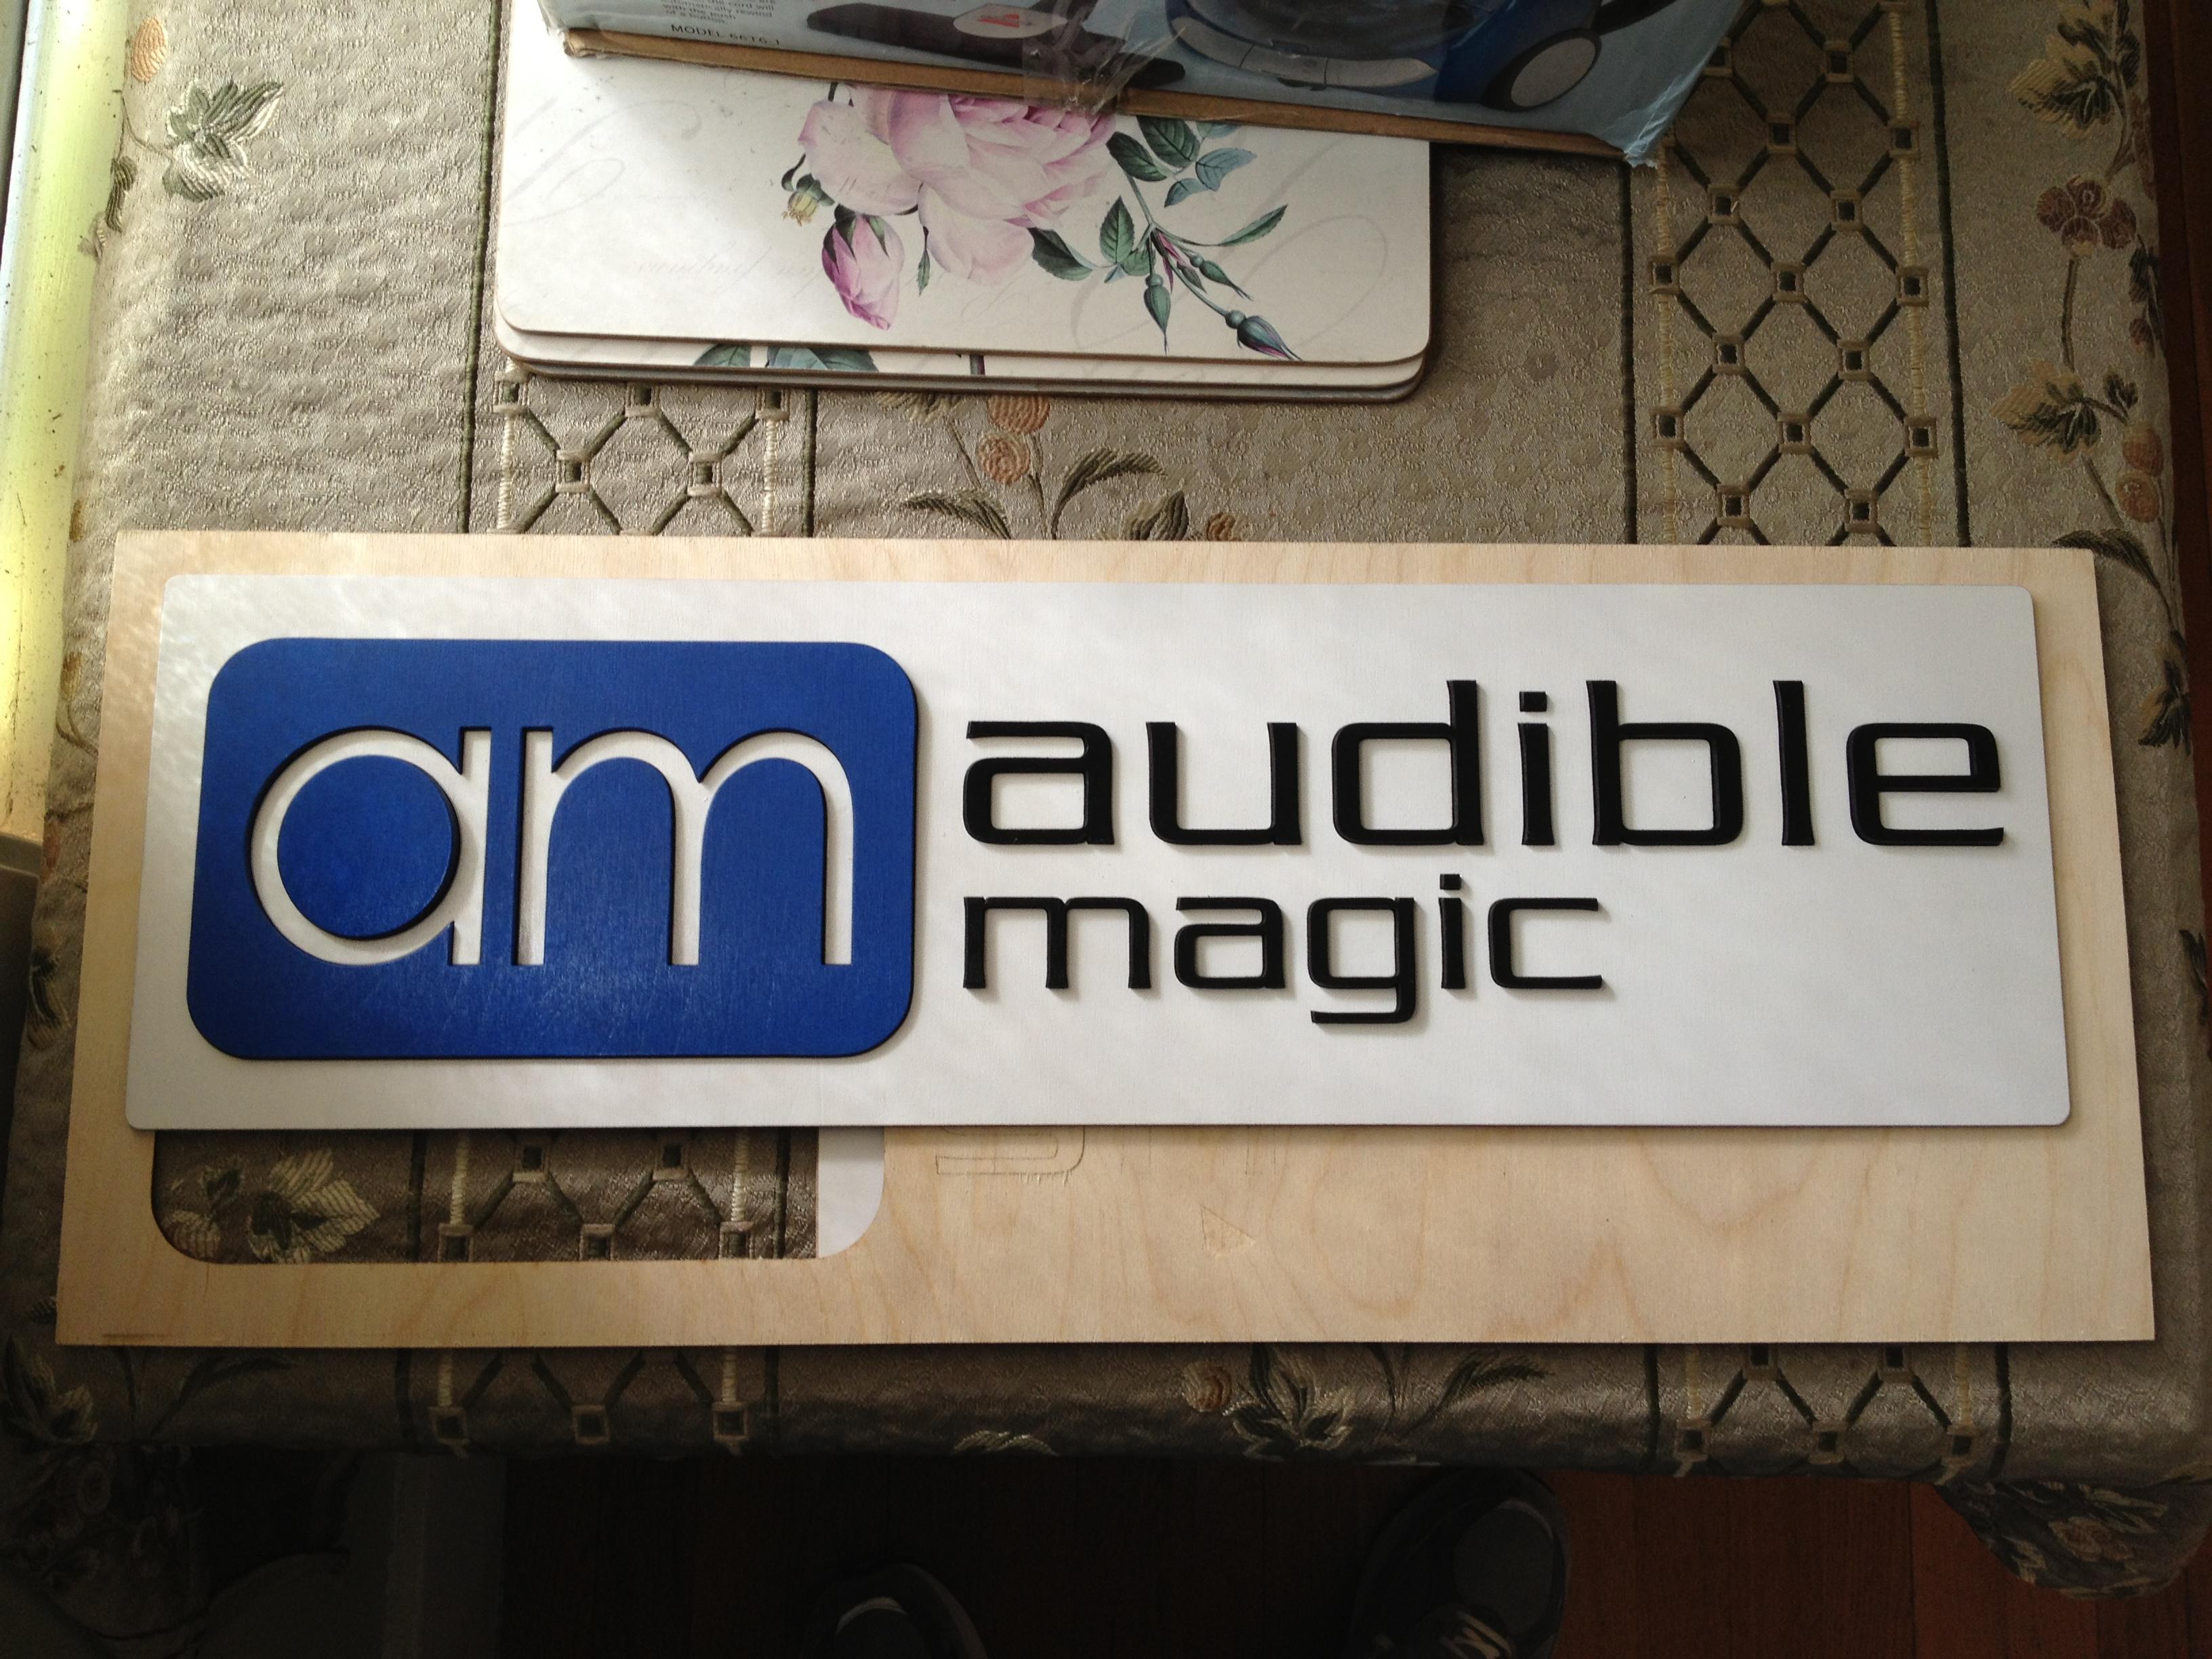 audible magic sign